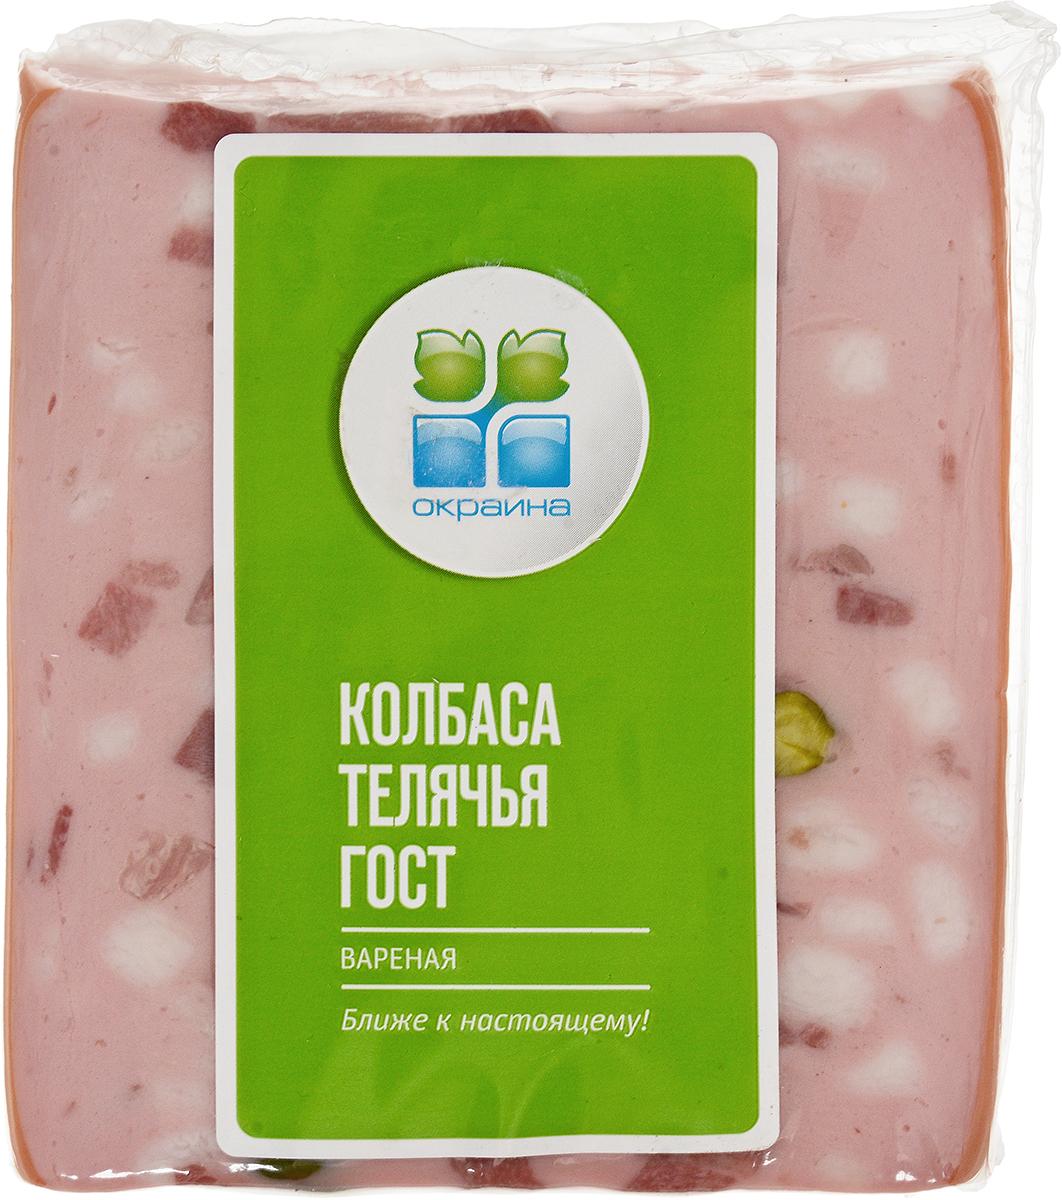 Окраина Телячья колбаса вареная ГОСТ, 470 г окраина колбаса московская гост 320 г